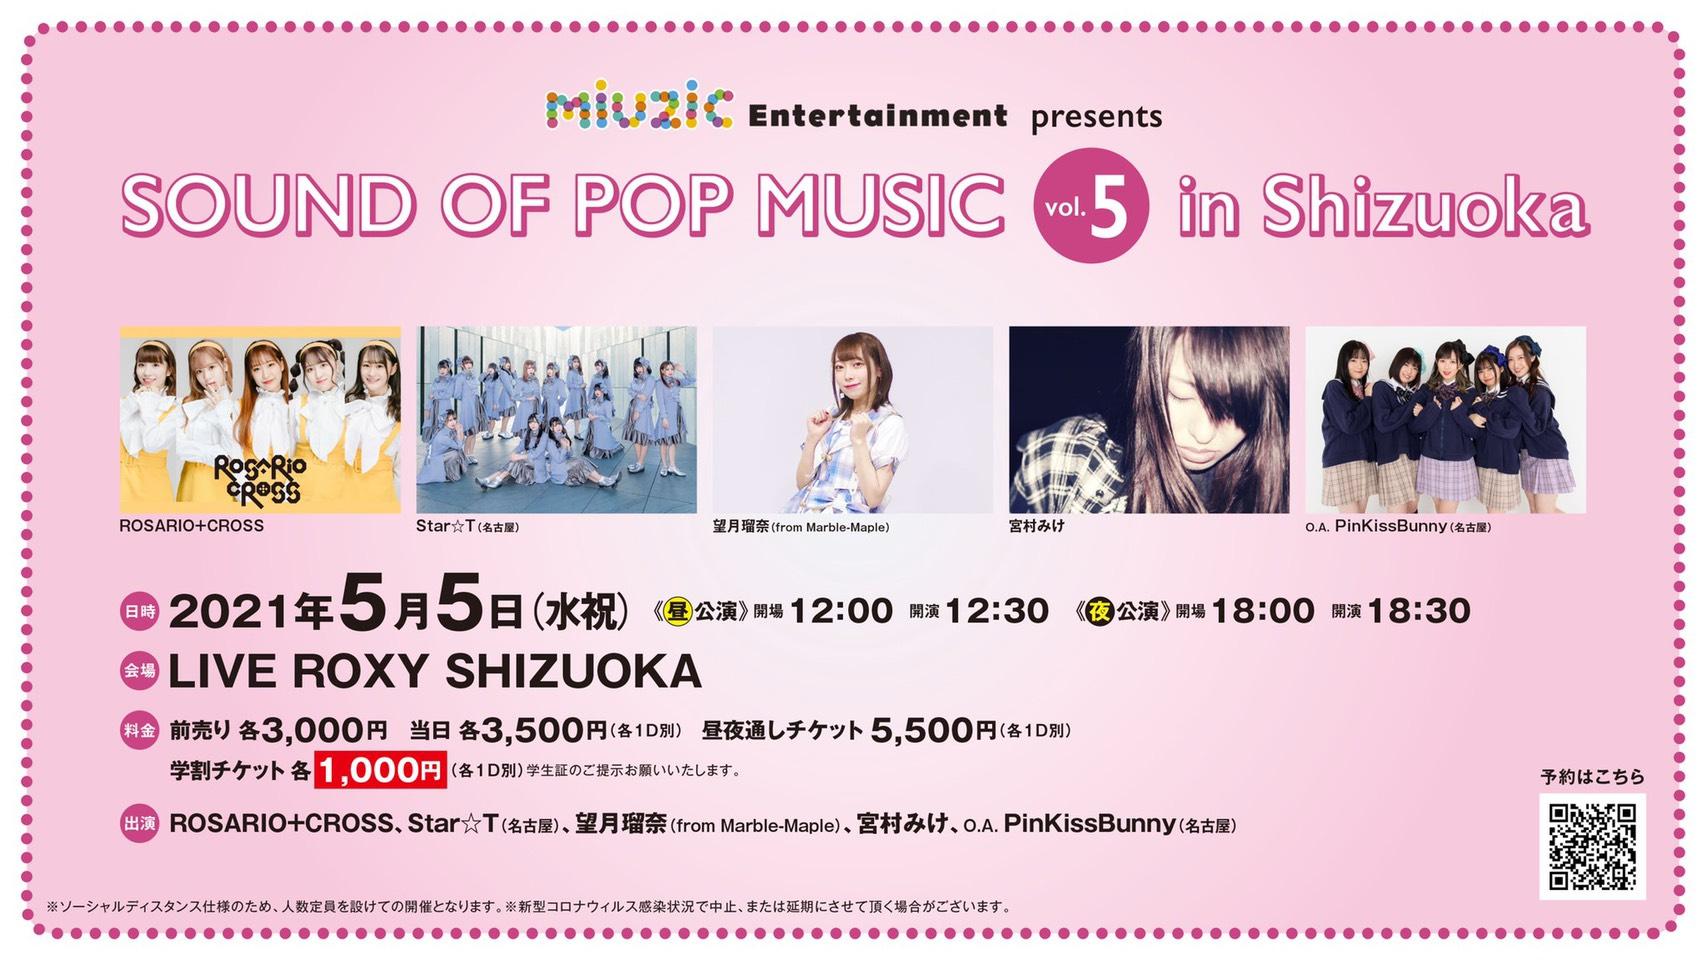 5/5(水祝) miuzic presents 「SOUND OF POP MUSIC vol.5 in Shizuoka」